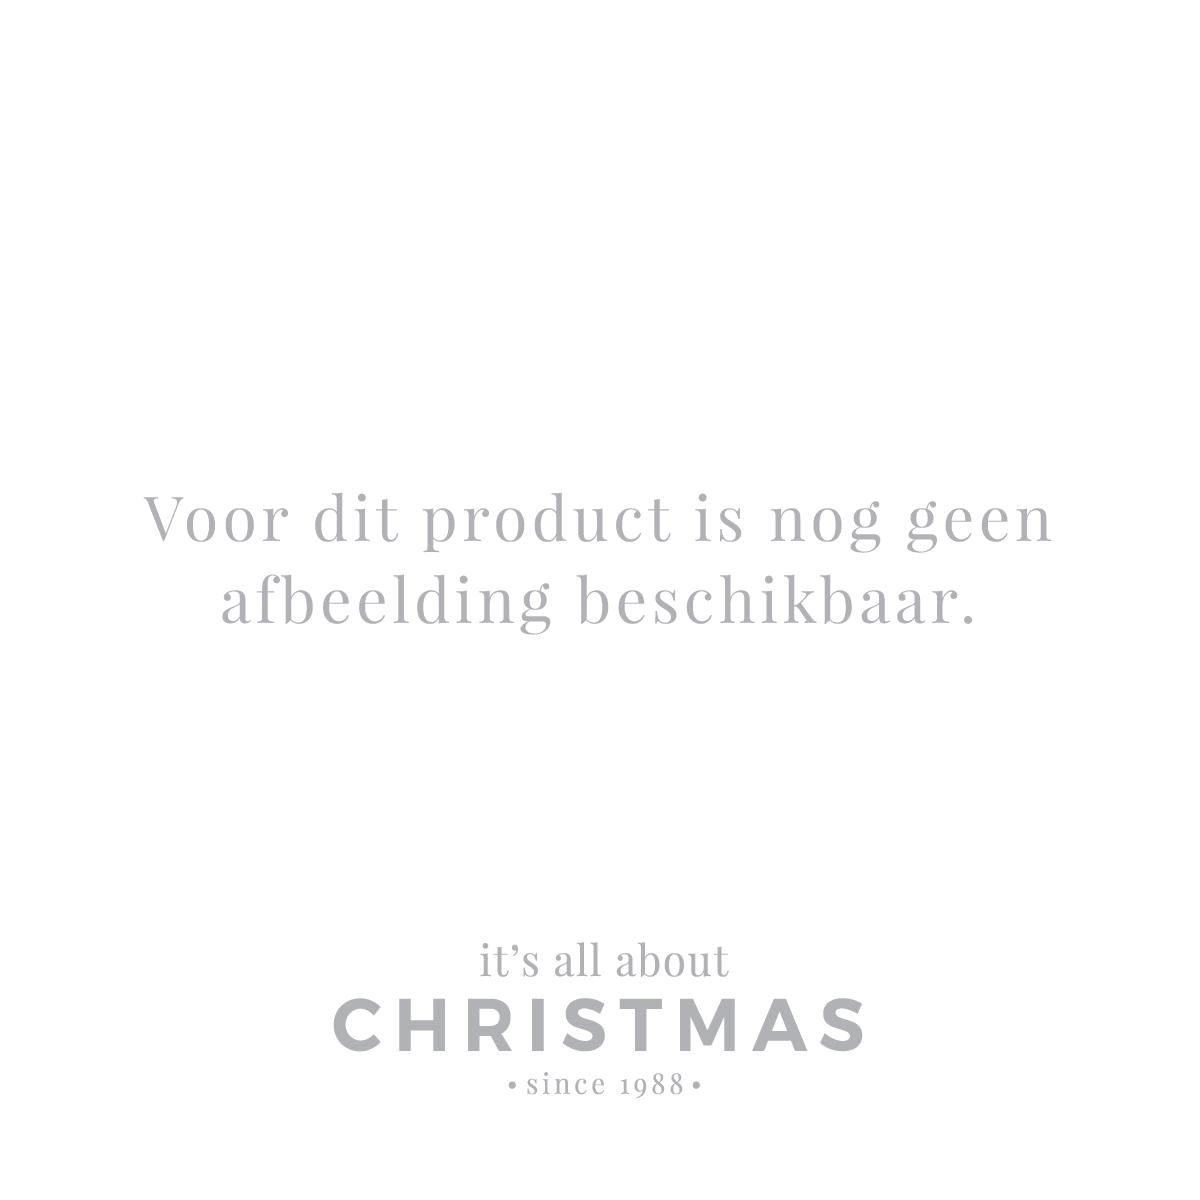 Christbaumkugeln Außenbereich.4 Christbaumkugeln Mit Seifenblasen Effekt It S All About Christmas